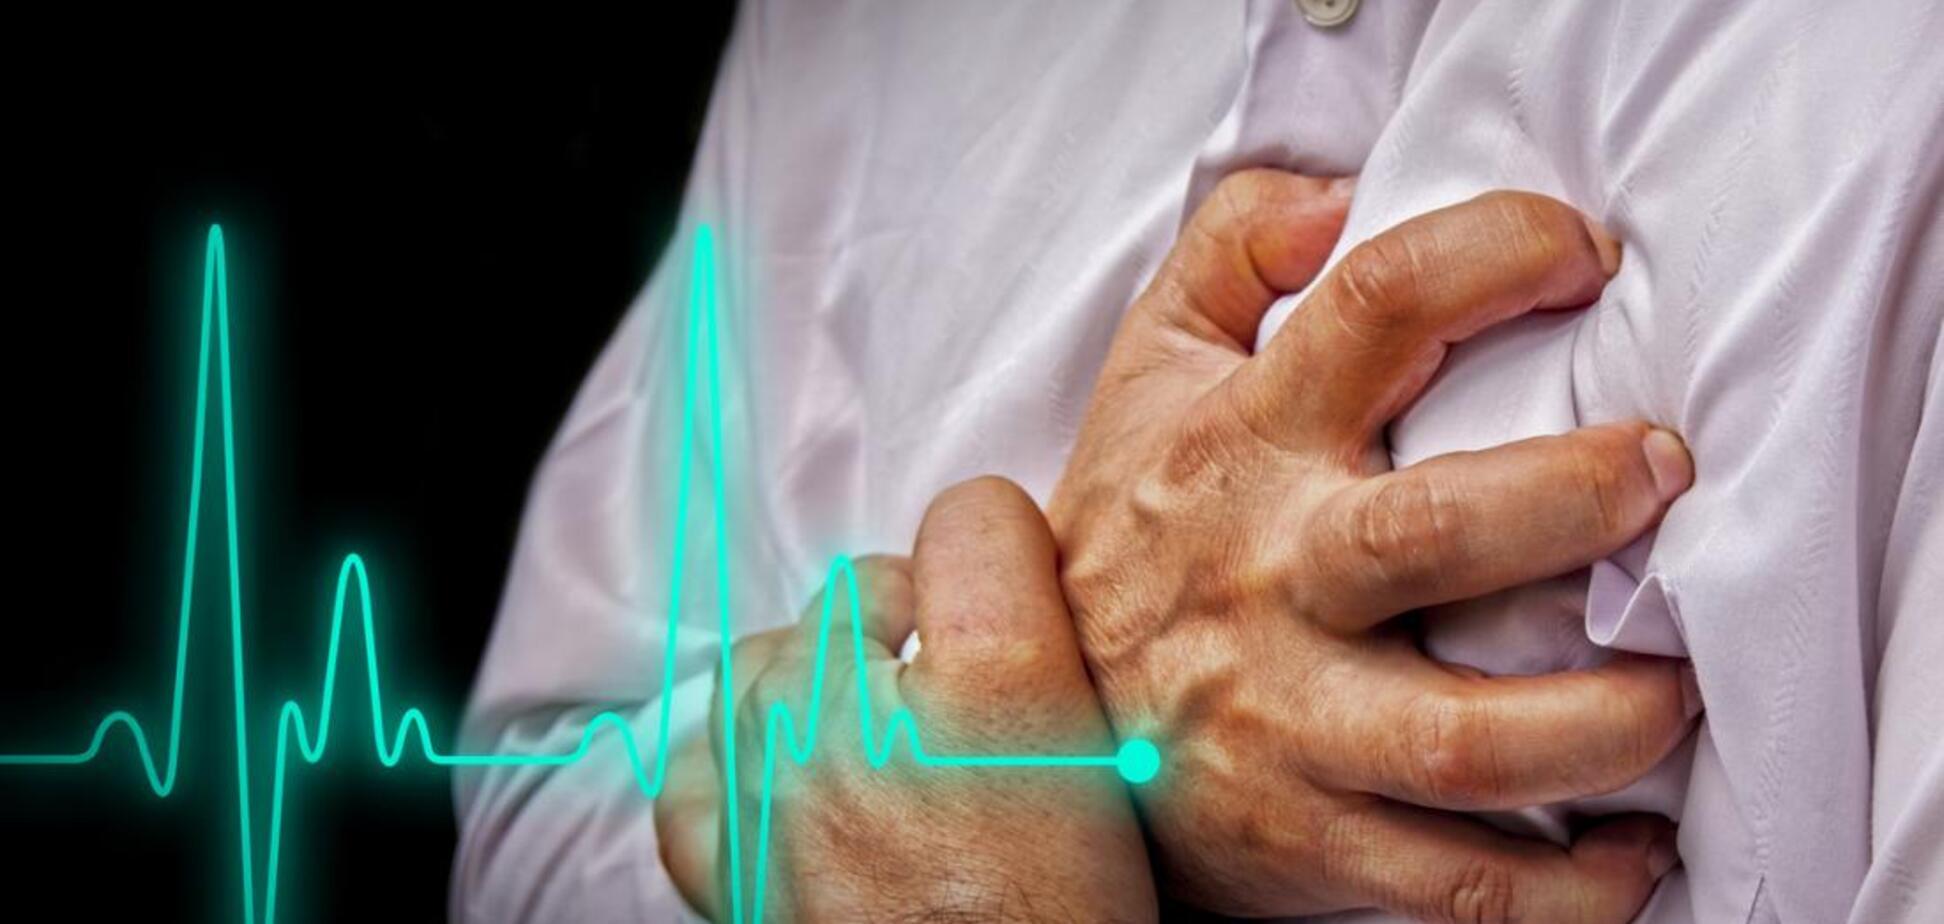 Инфаркт миокарда: как спастись от смерти